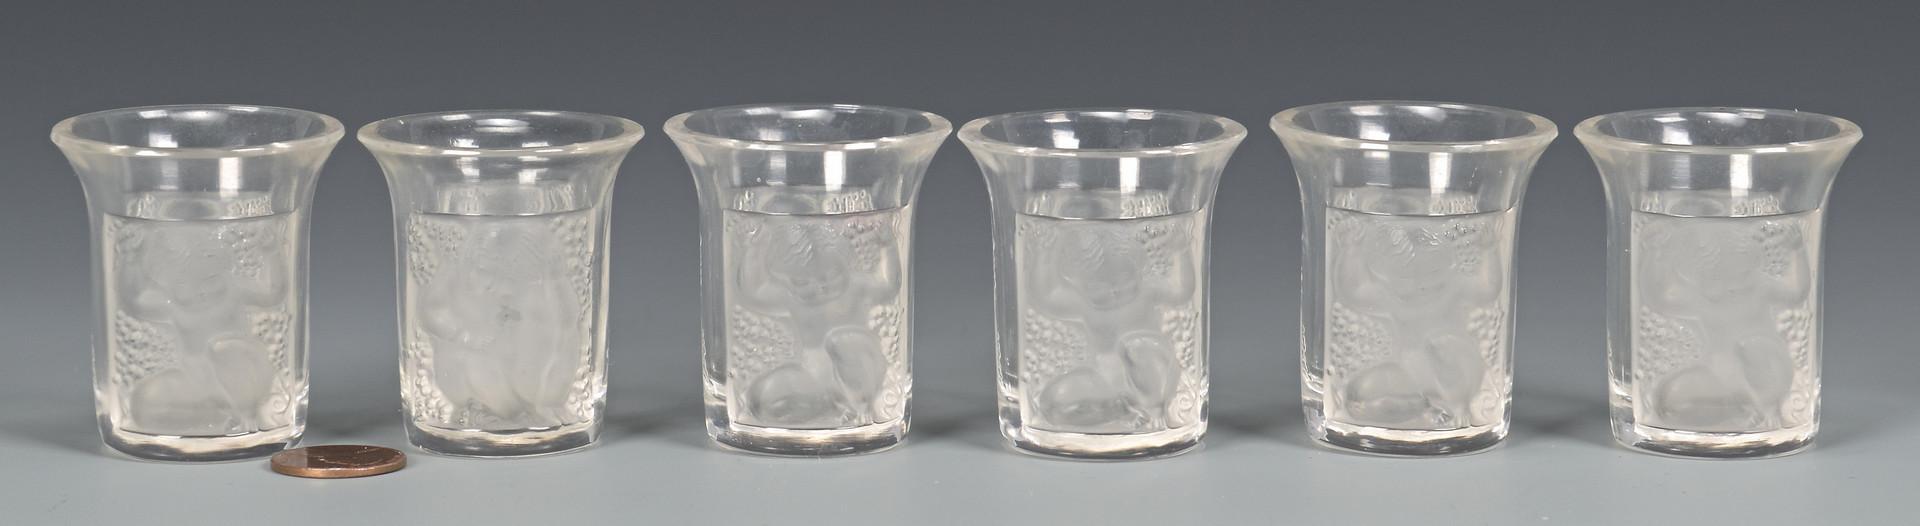 Lot 481: 6 Lalique Shot Glasses